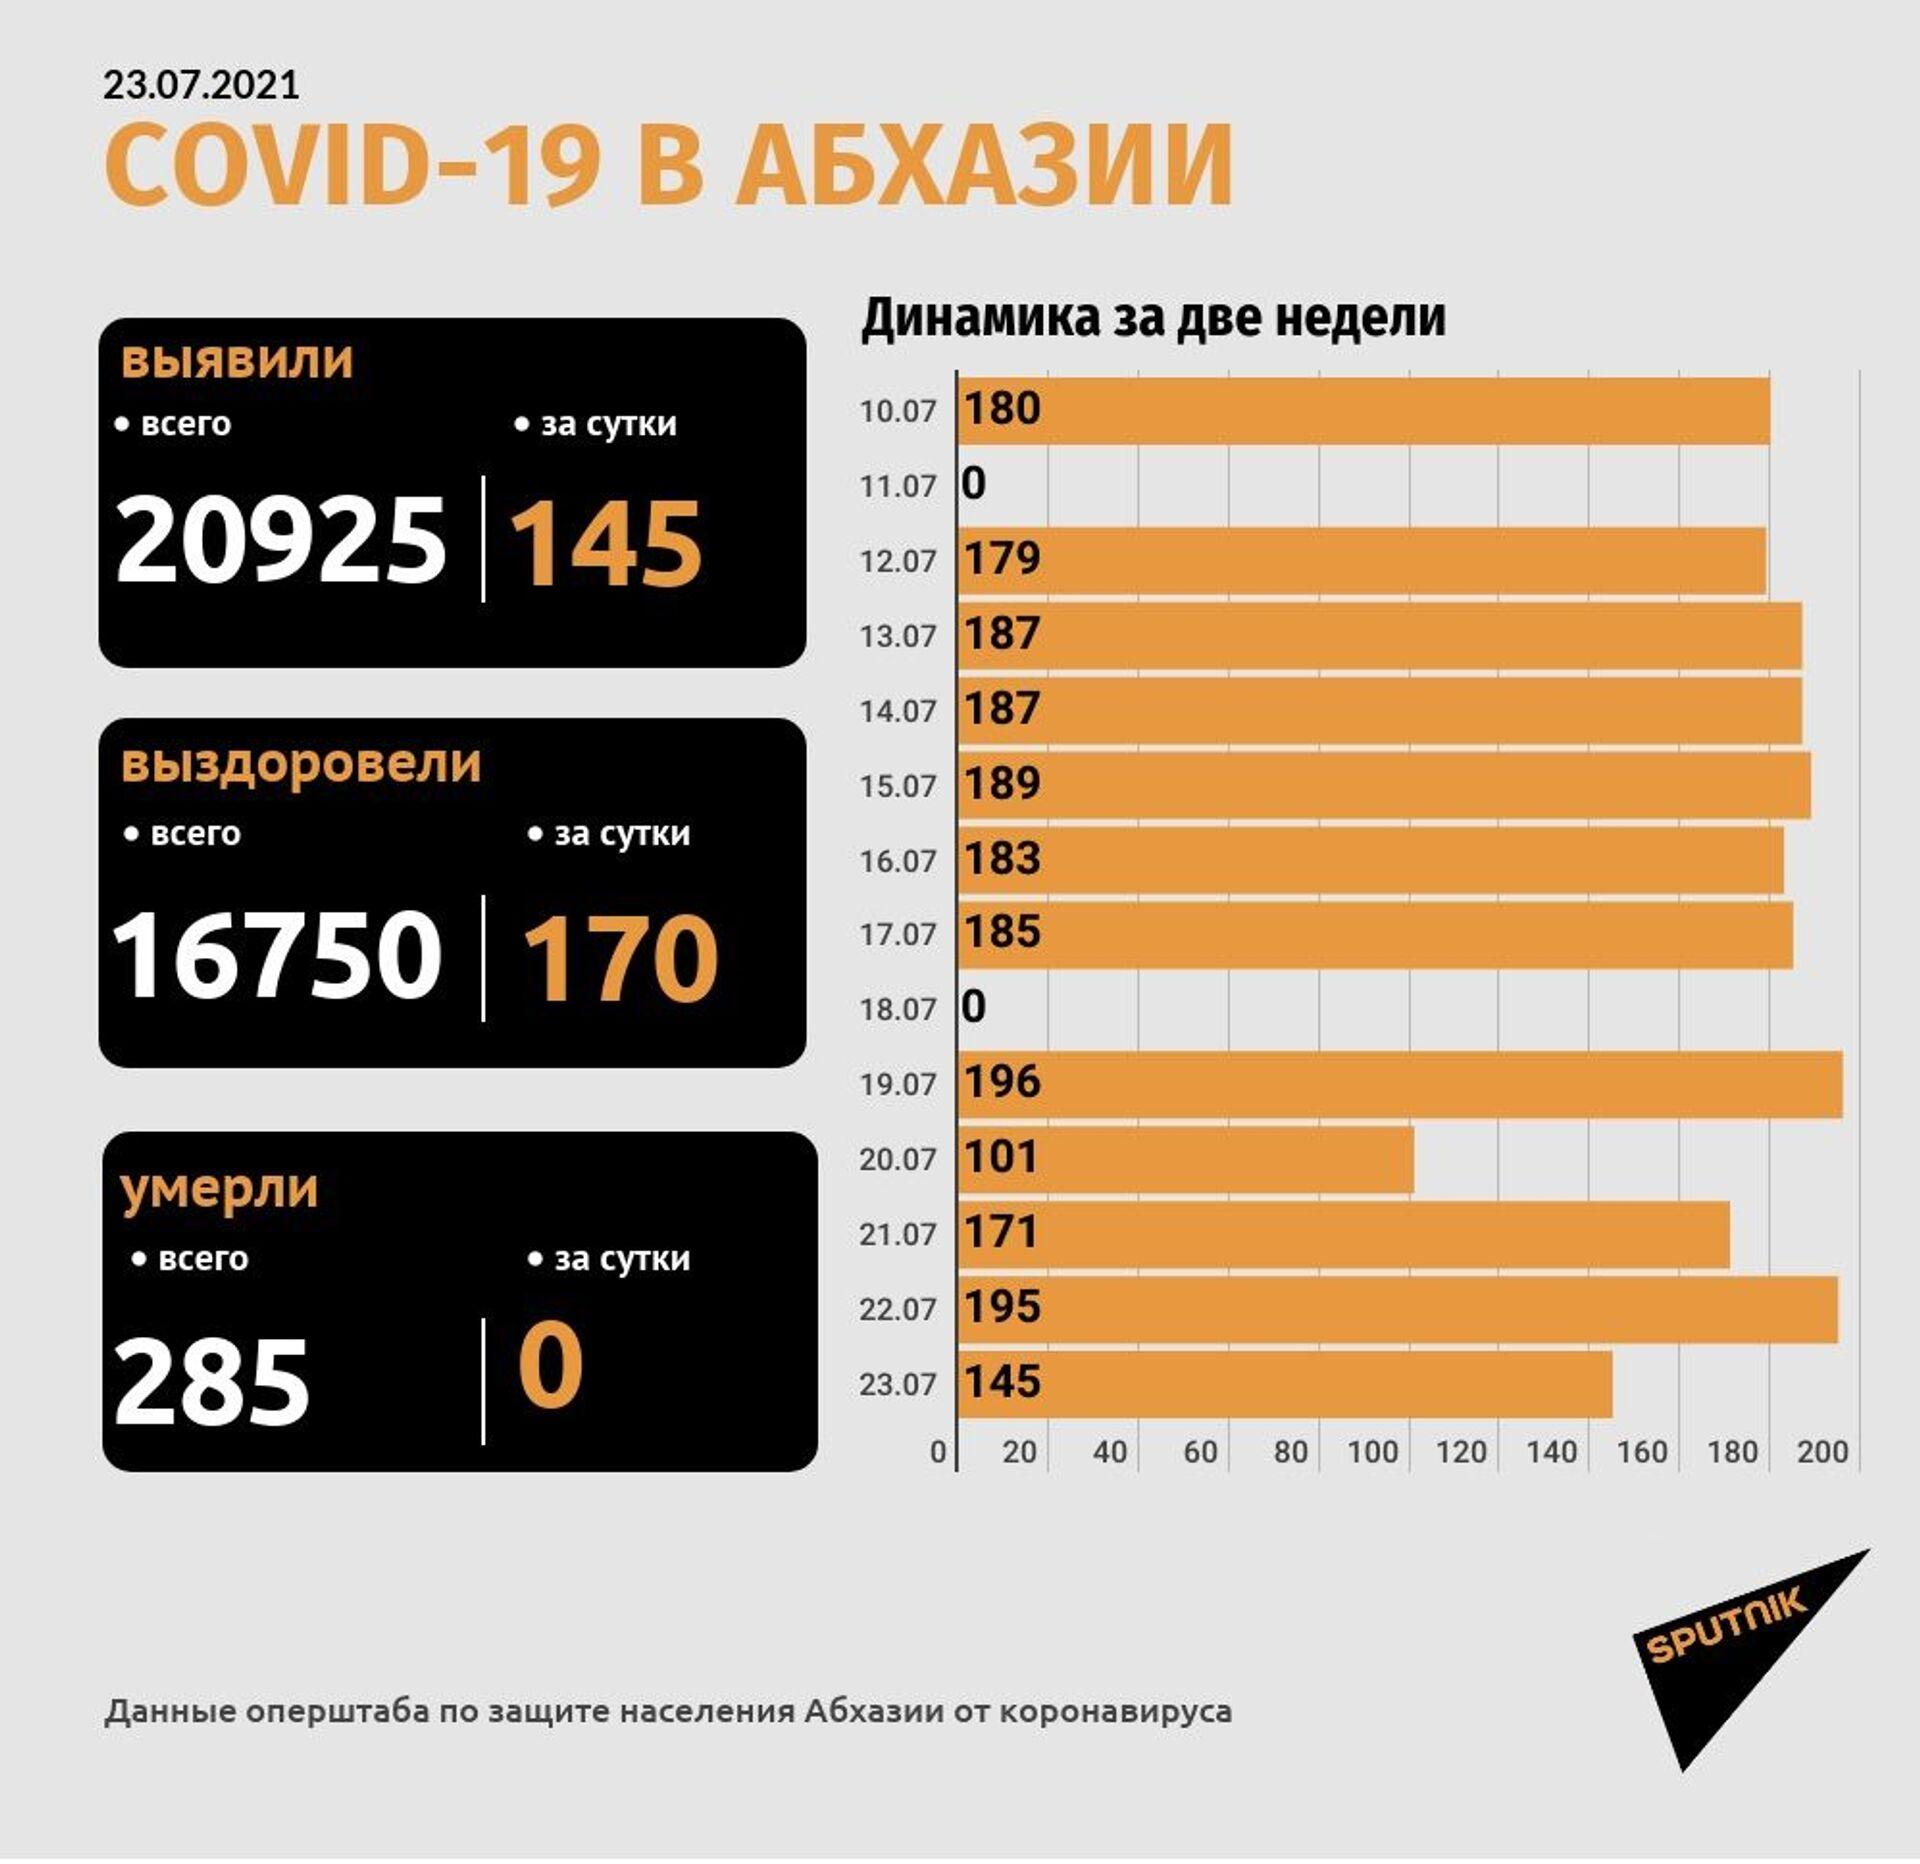 Коронавирус диагностирован еще у 145 человек в Абхазии - Sputnik Абхазия, 1920, 23.07.2021